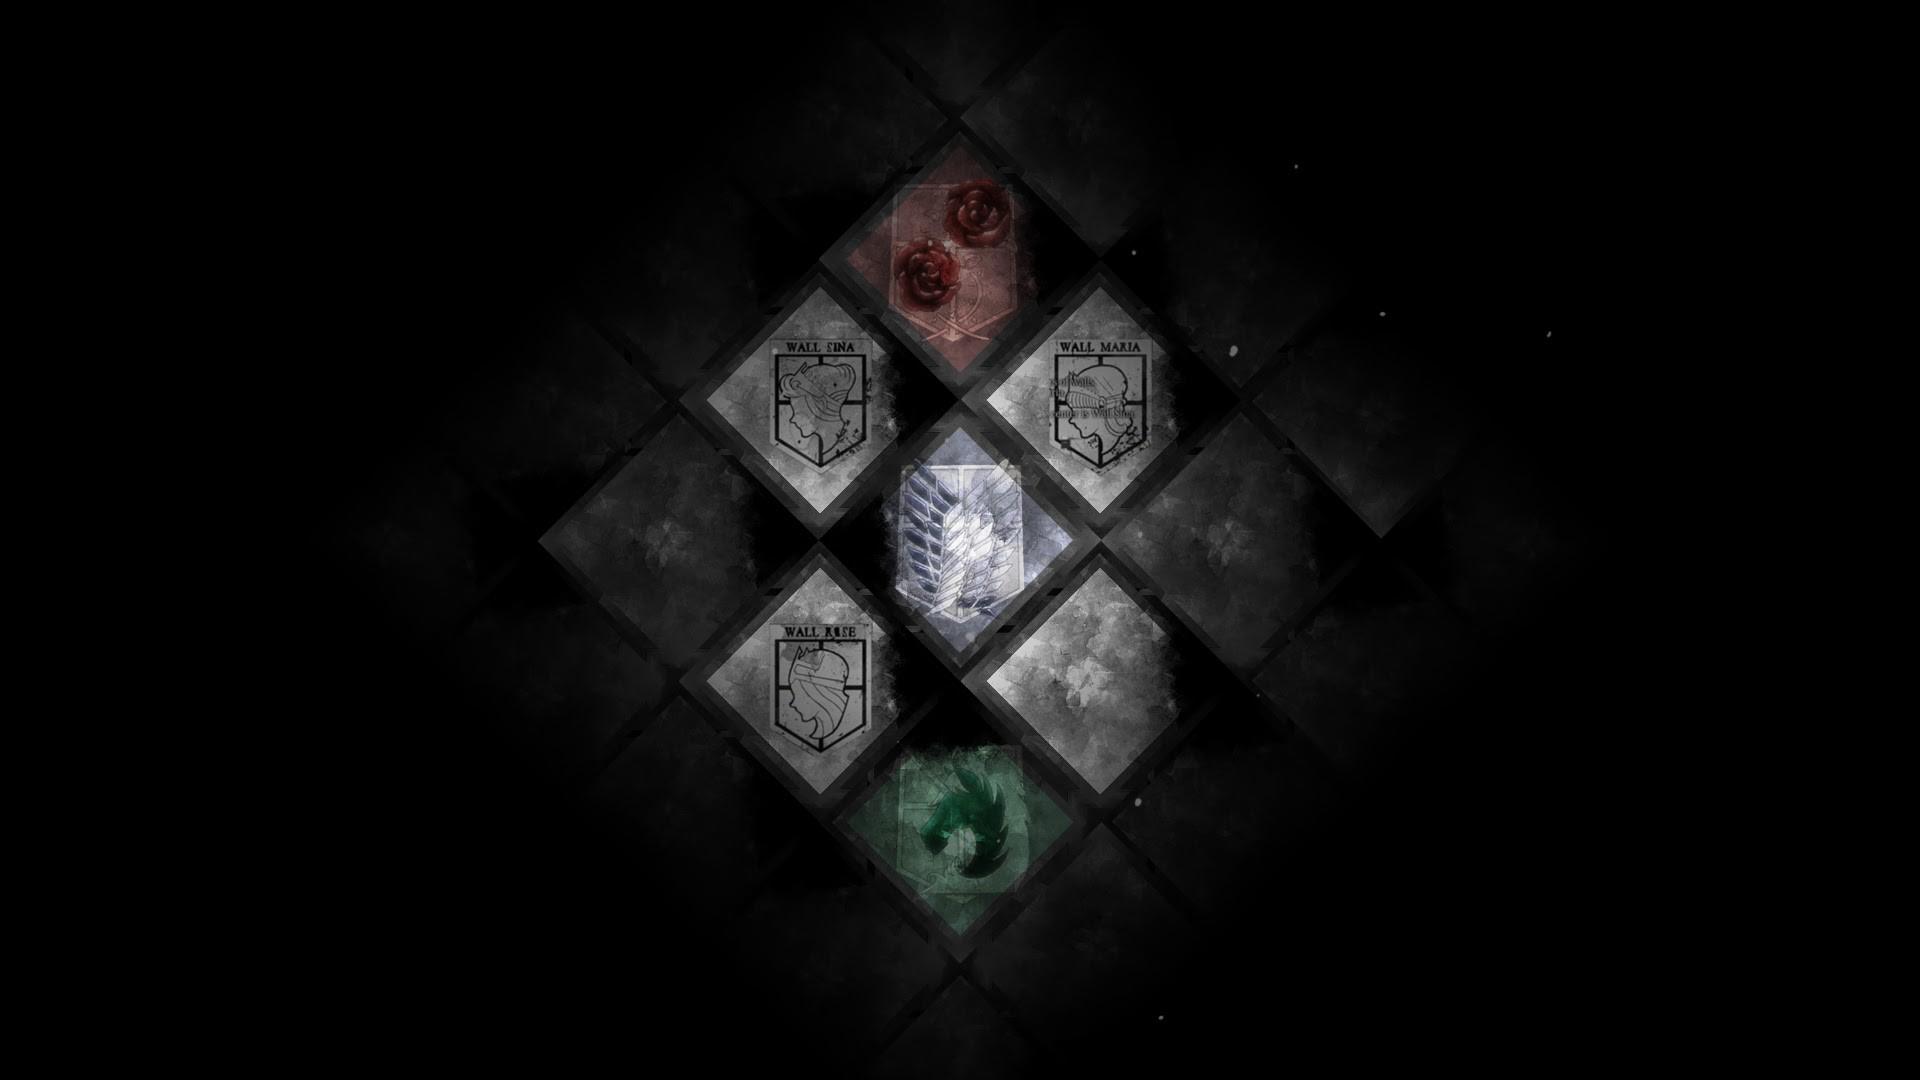 attack-on-titan-emblem-flag-quasixi-1920×1080.jpg (1920×1080)   AOT    Pinterest